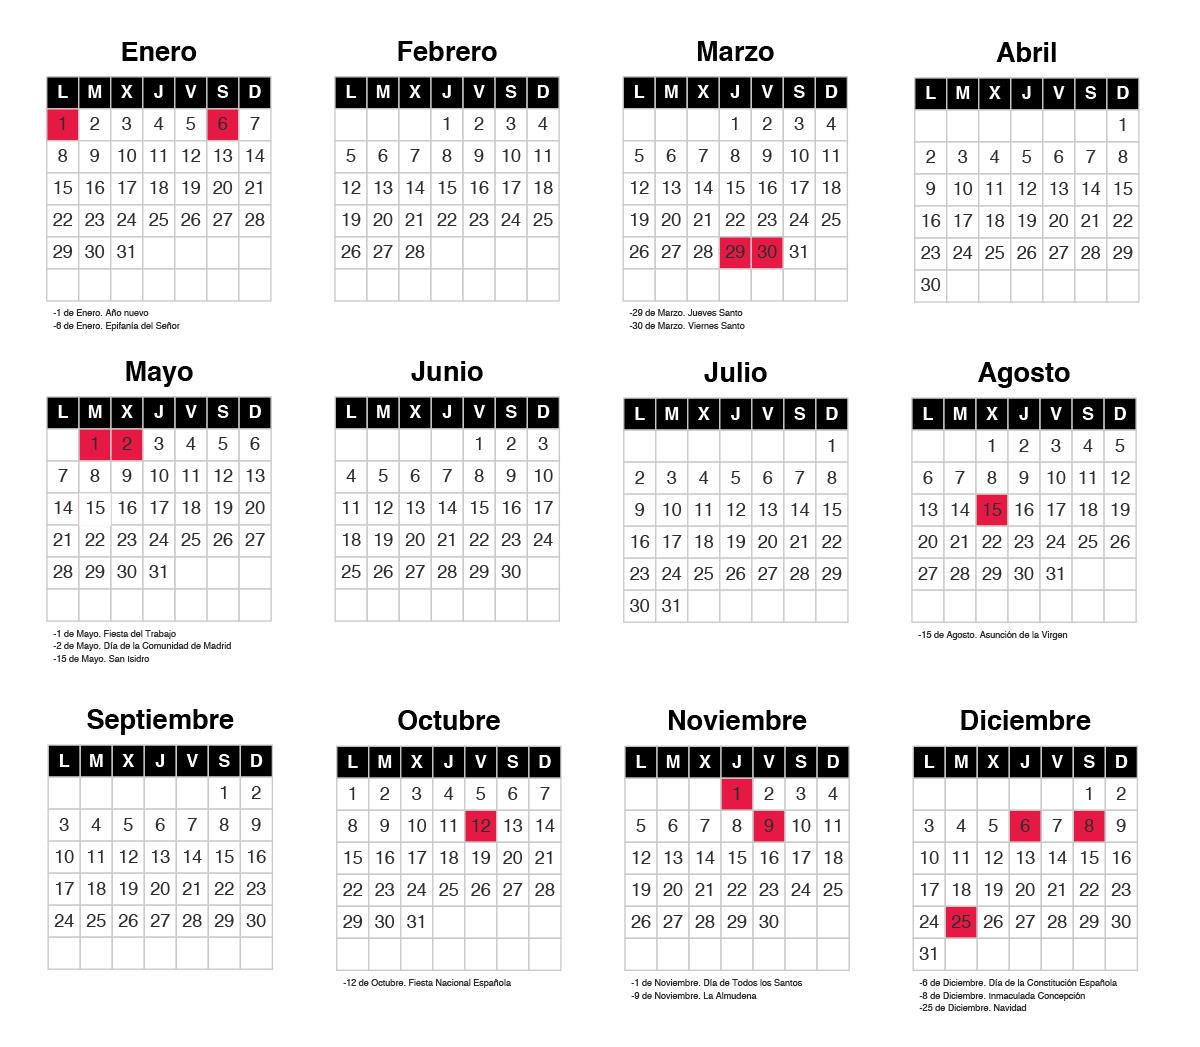 Calendario Laboral Espana.Calendario Laboral Archivos Forislex Abogados En Madrid Norte